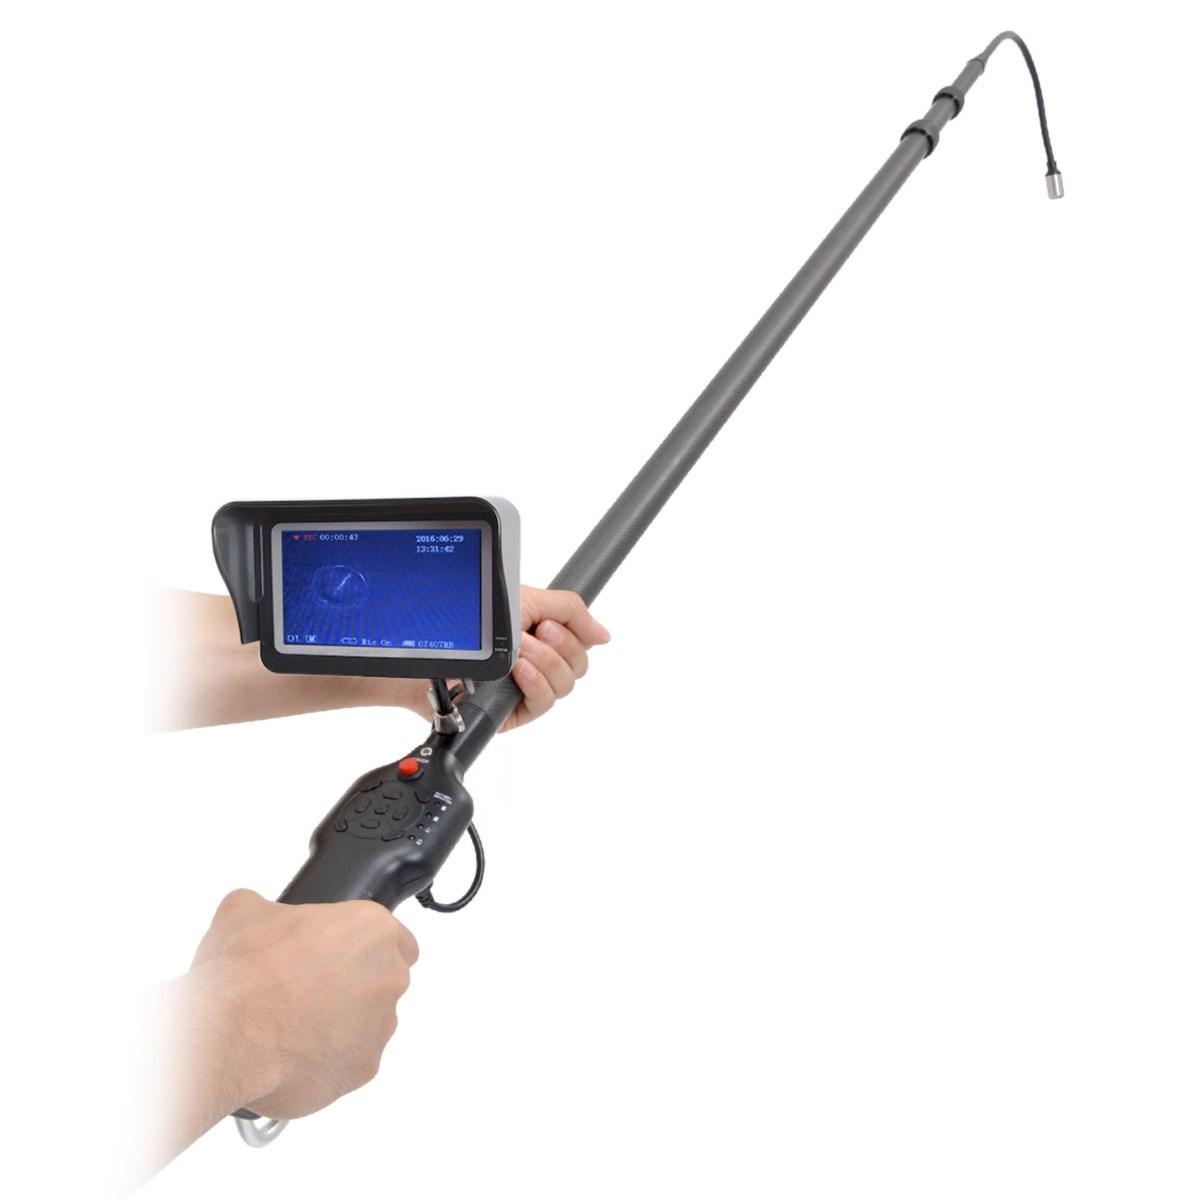 公式 受発注商品 テレスコピックカメラ TELESC4G ご注文後約1.5~2ヶ月でお届け 売れ行きがよい 引出物 プライバシーポリシー 通勤